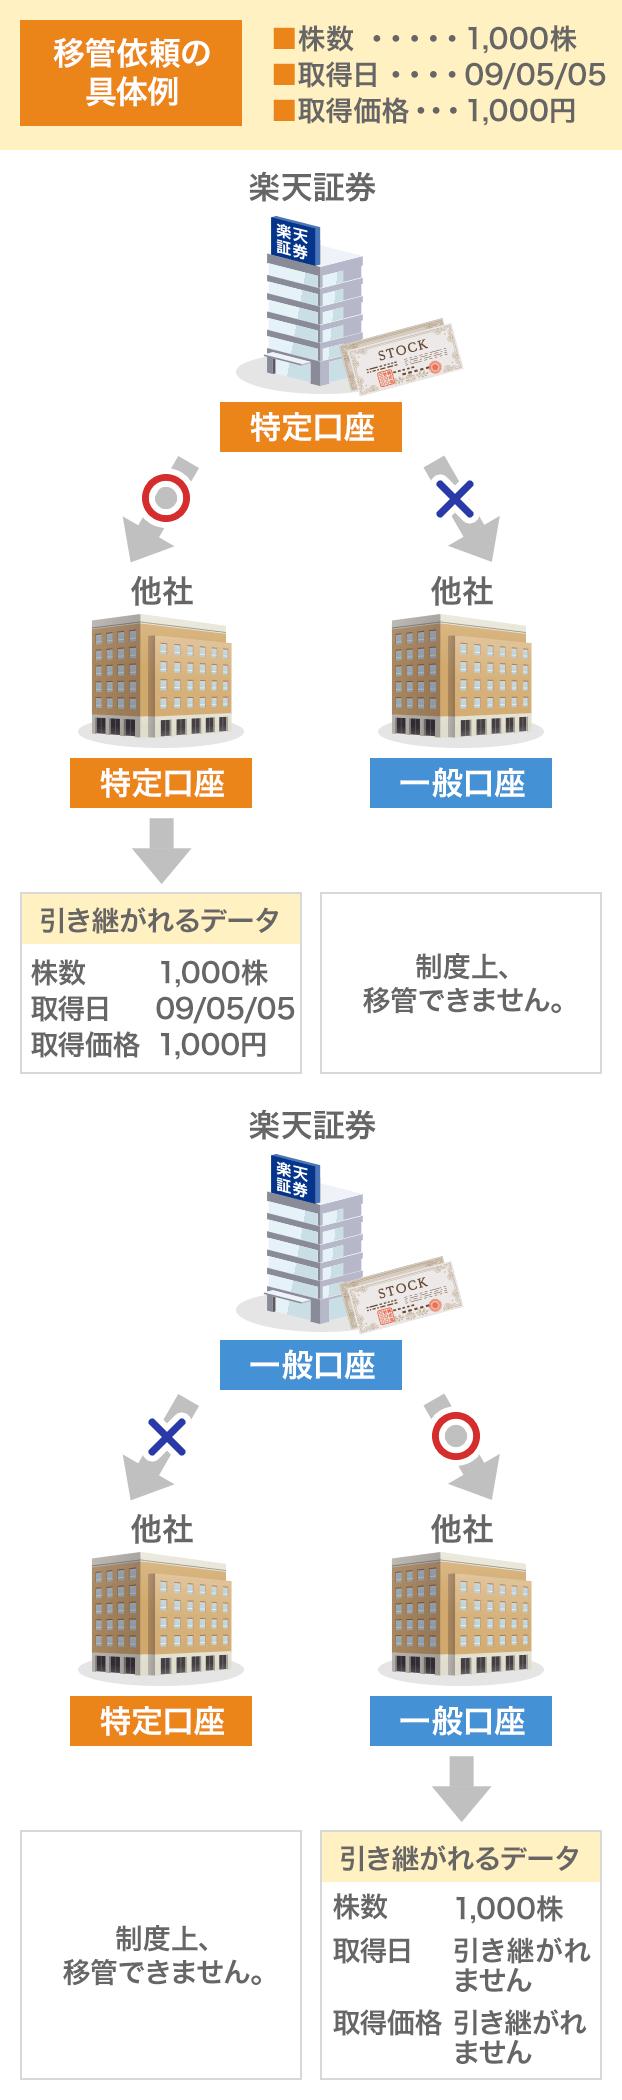 口座 株 特定